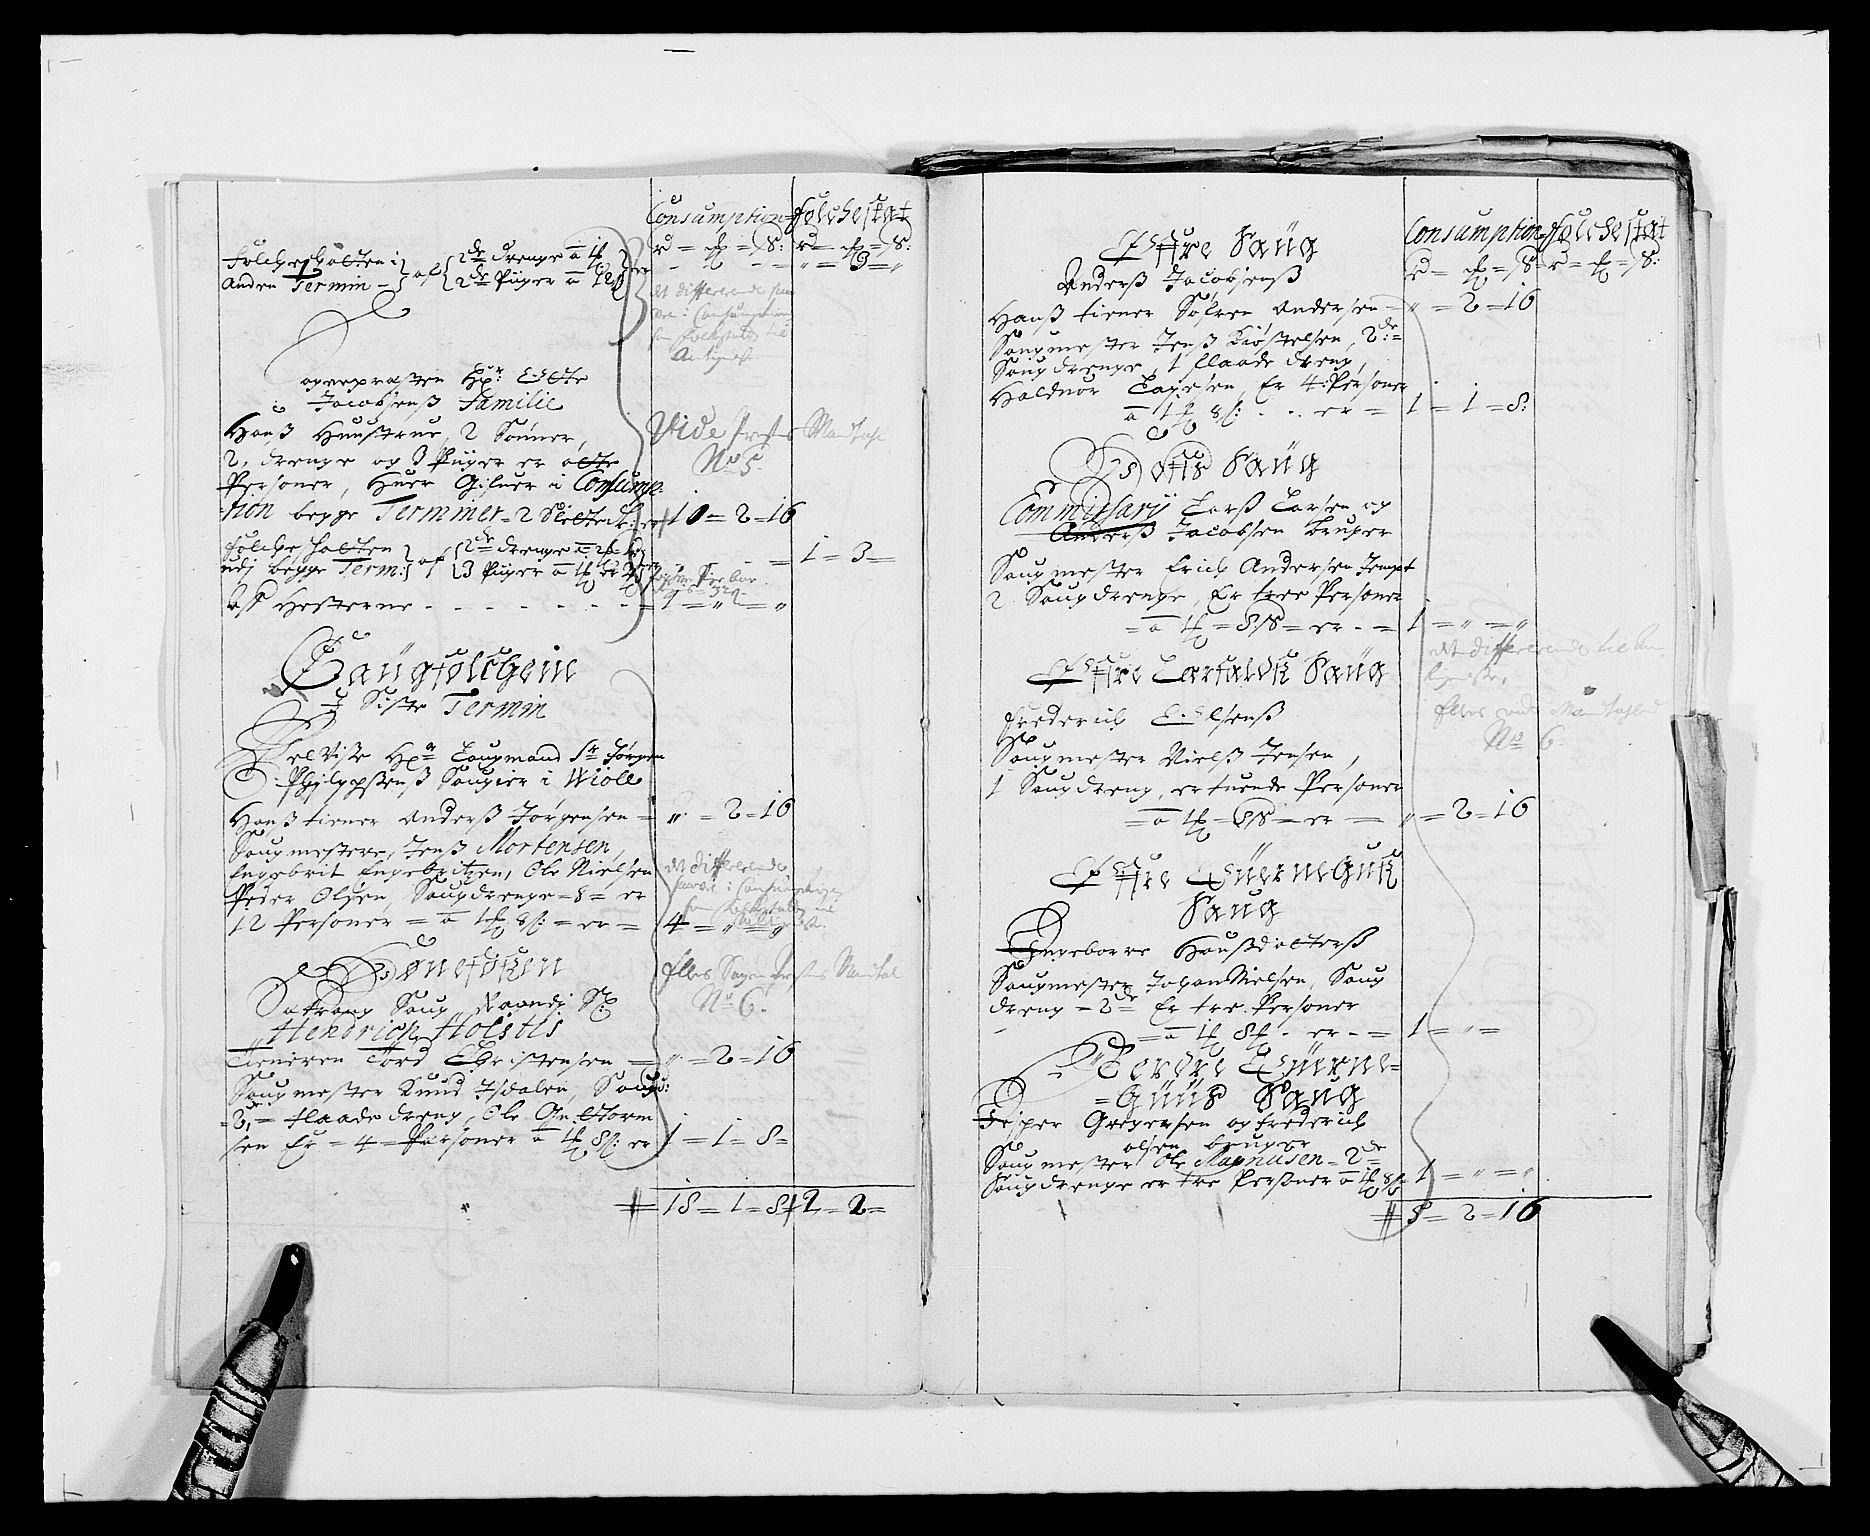 RA, Rentekammeret inntil 1814, Reviderte regnskaper, Fogderegnskap, R21/L1446: Fogderegnskap Ringerike og Hallingdal, 1683-1686, s. 237